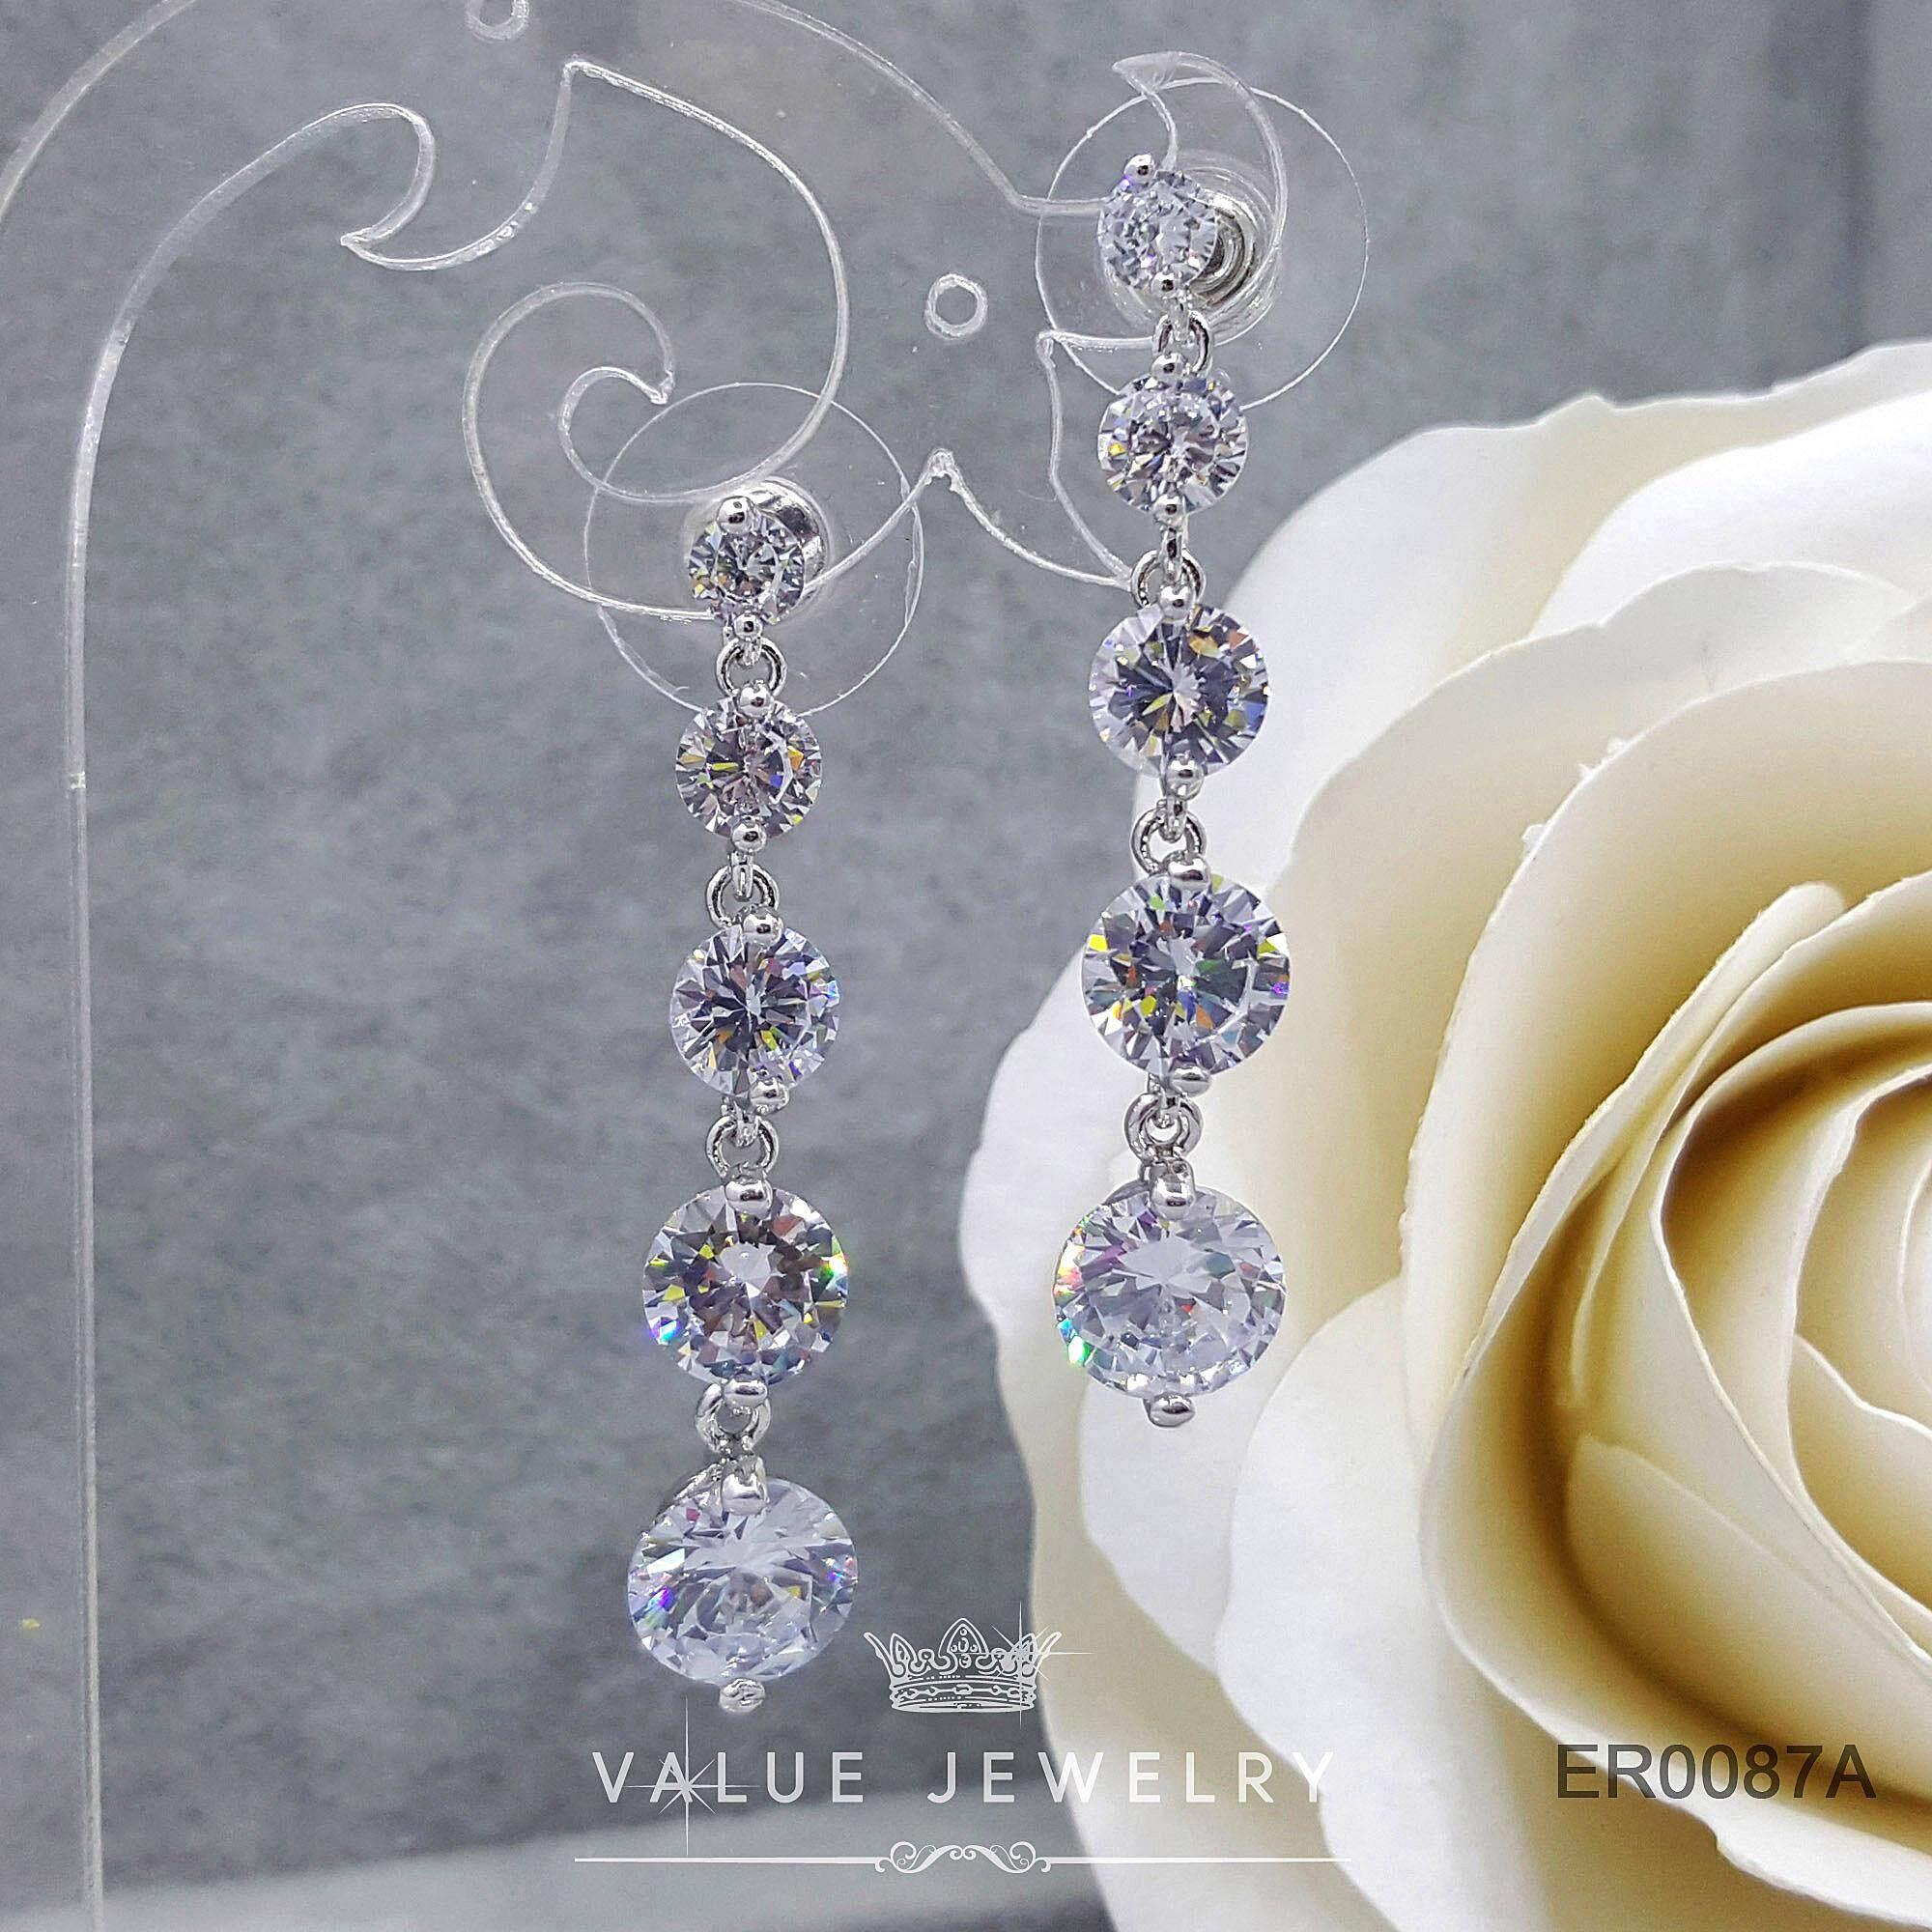 Value Jewelry ER0088 กว้าง0.8cmยาว4.2cm เครื่องประดับเพขรCZ เกรดพรีเมี่ยม ไม่ลอก ไม่ดำ ไม่แพ้ ไม่คัน ต่างหูแฟชั่น ออกงาน ทำงาน ปาตี้ เที่ยว ติดหู หนีบ ห่วง ระย้า เกาหลี ดารา นำโชค เสริมดวง รวย ขายดี คริสตัล เพชร แบรนด์เนม สร้อยข้อมือ สร้อยคอ แหวน กำไล